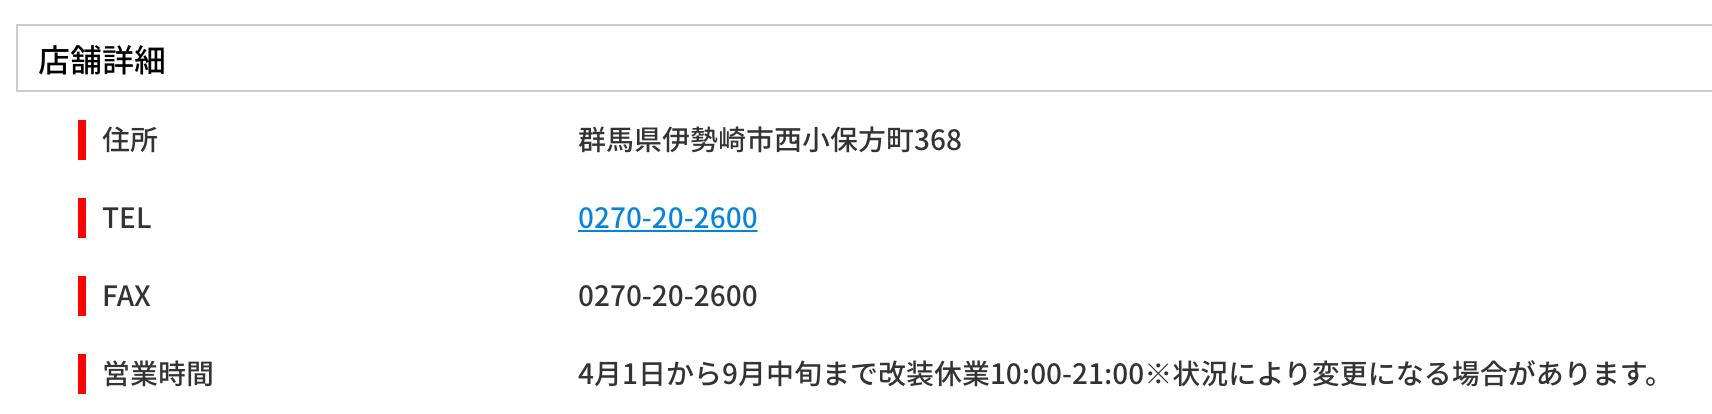 営業 時間 伊勢崎 スマーク